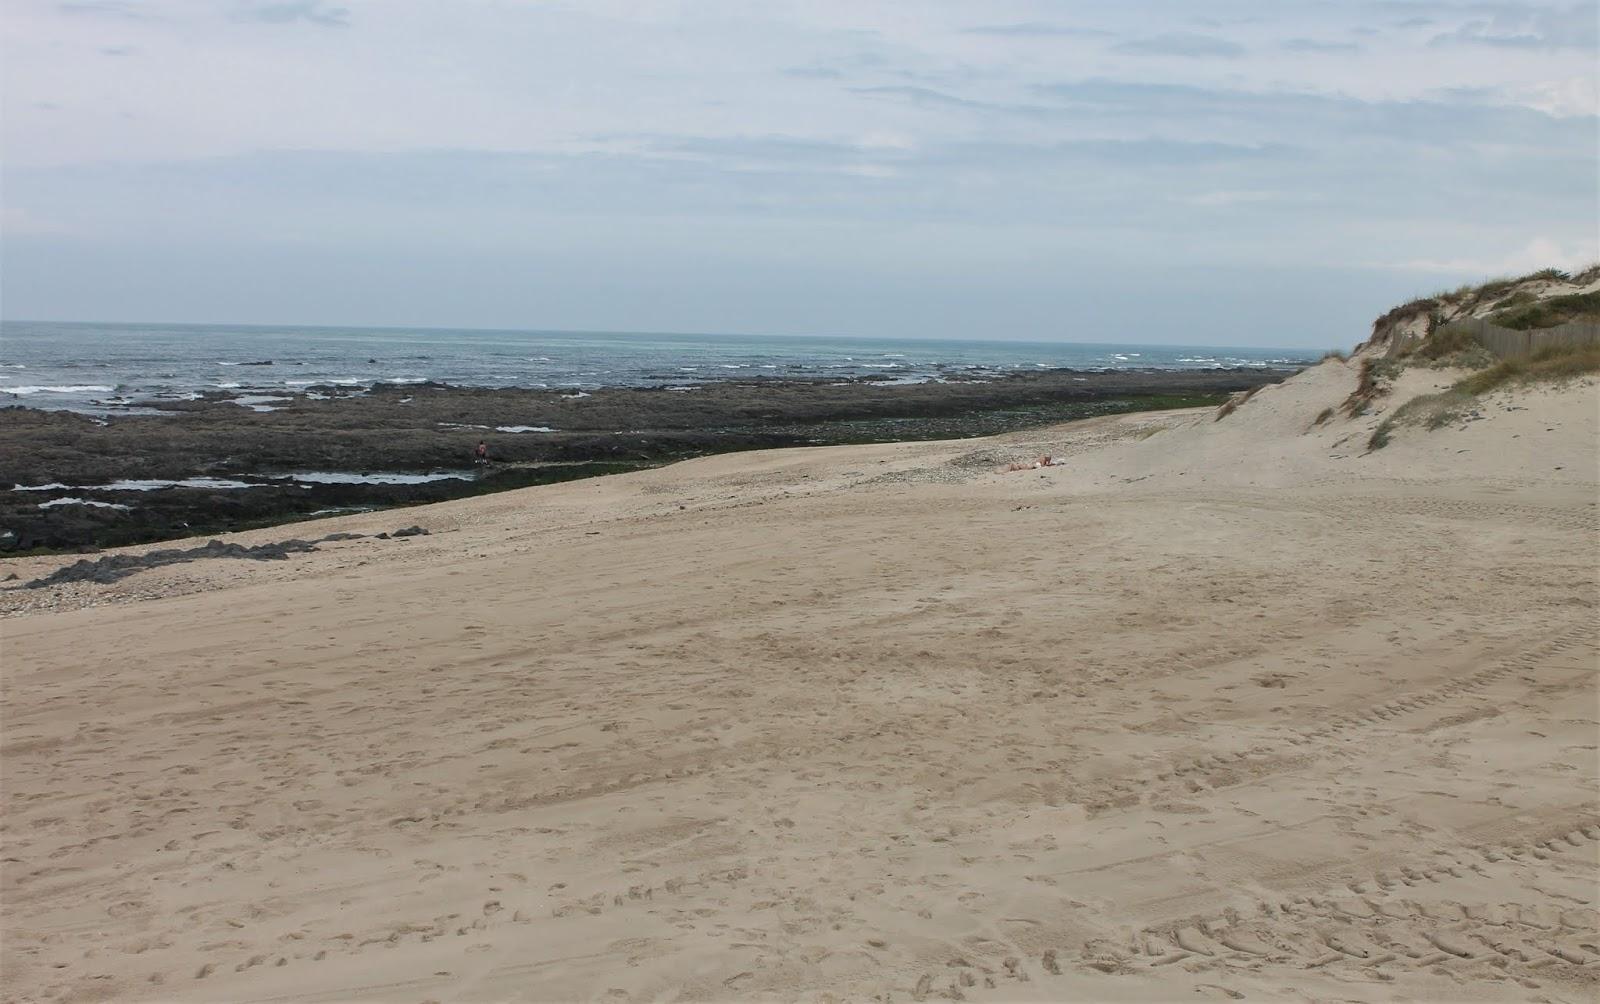 """Bloco quer impedir construção """"incompreensível"""" em duna da praia Suave Mar em Esposende"""